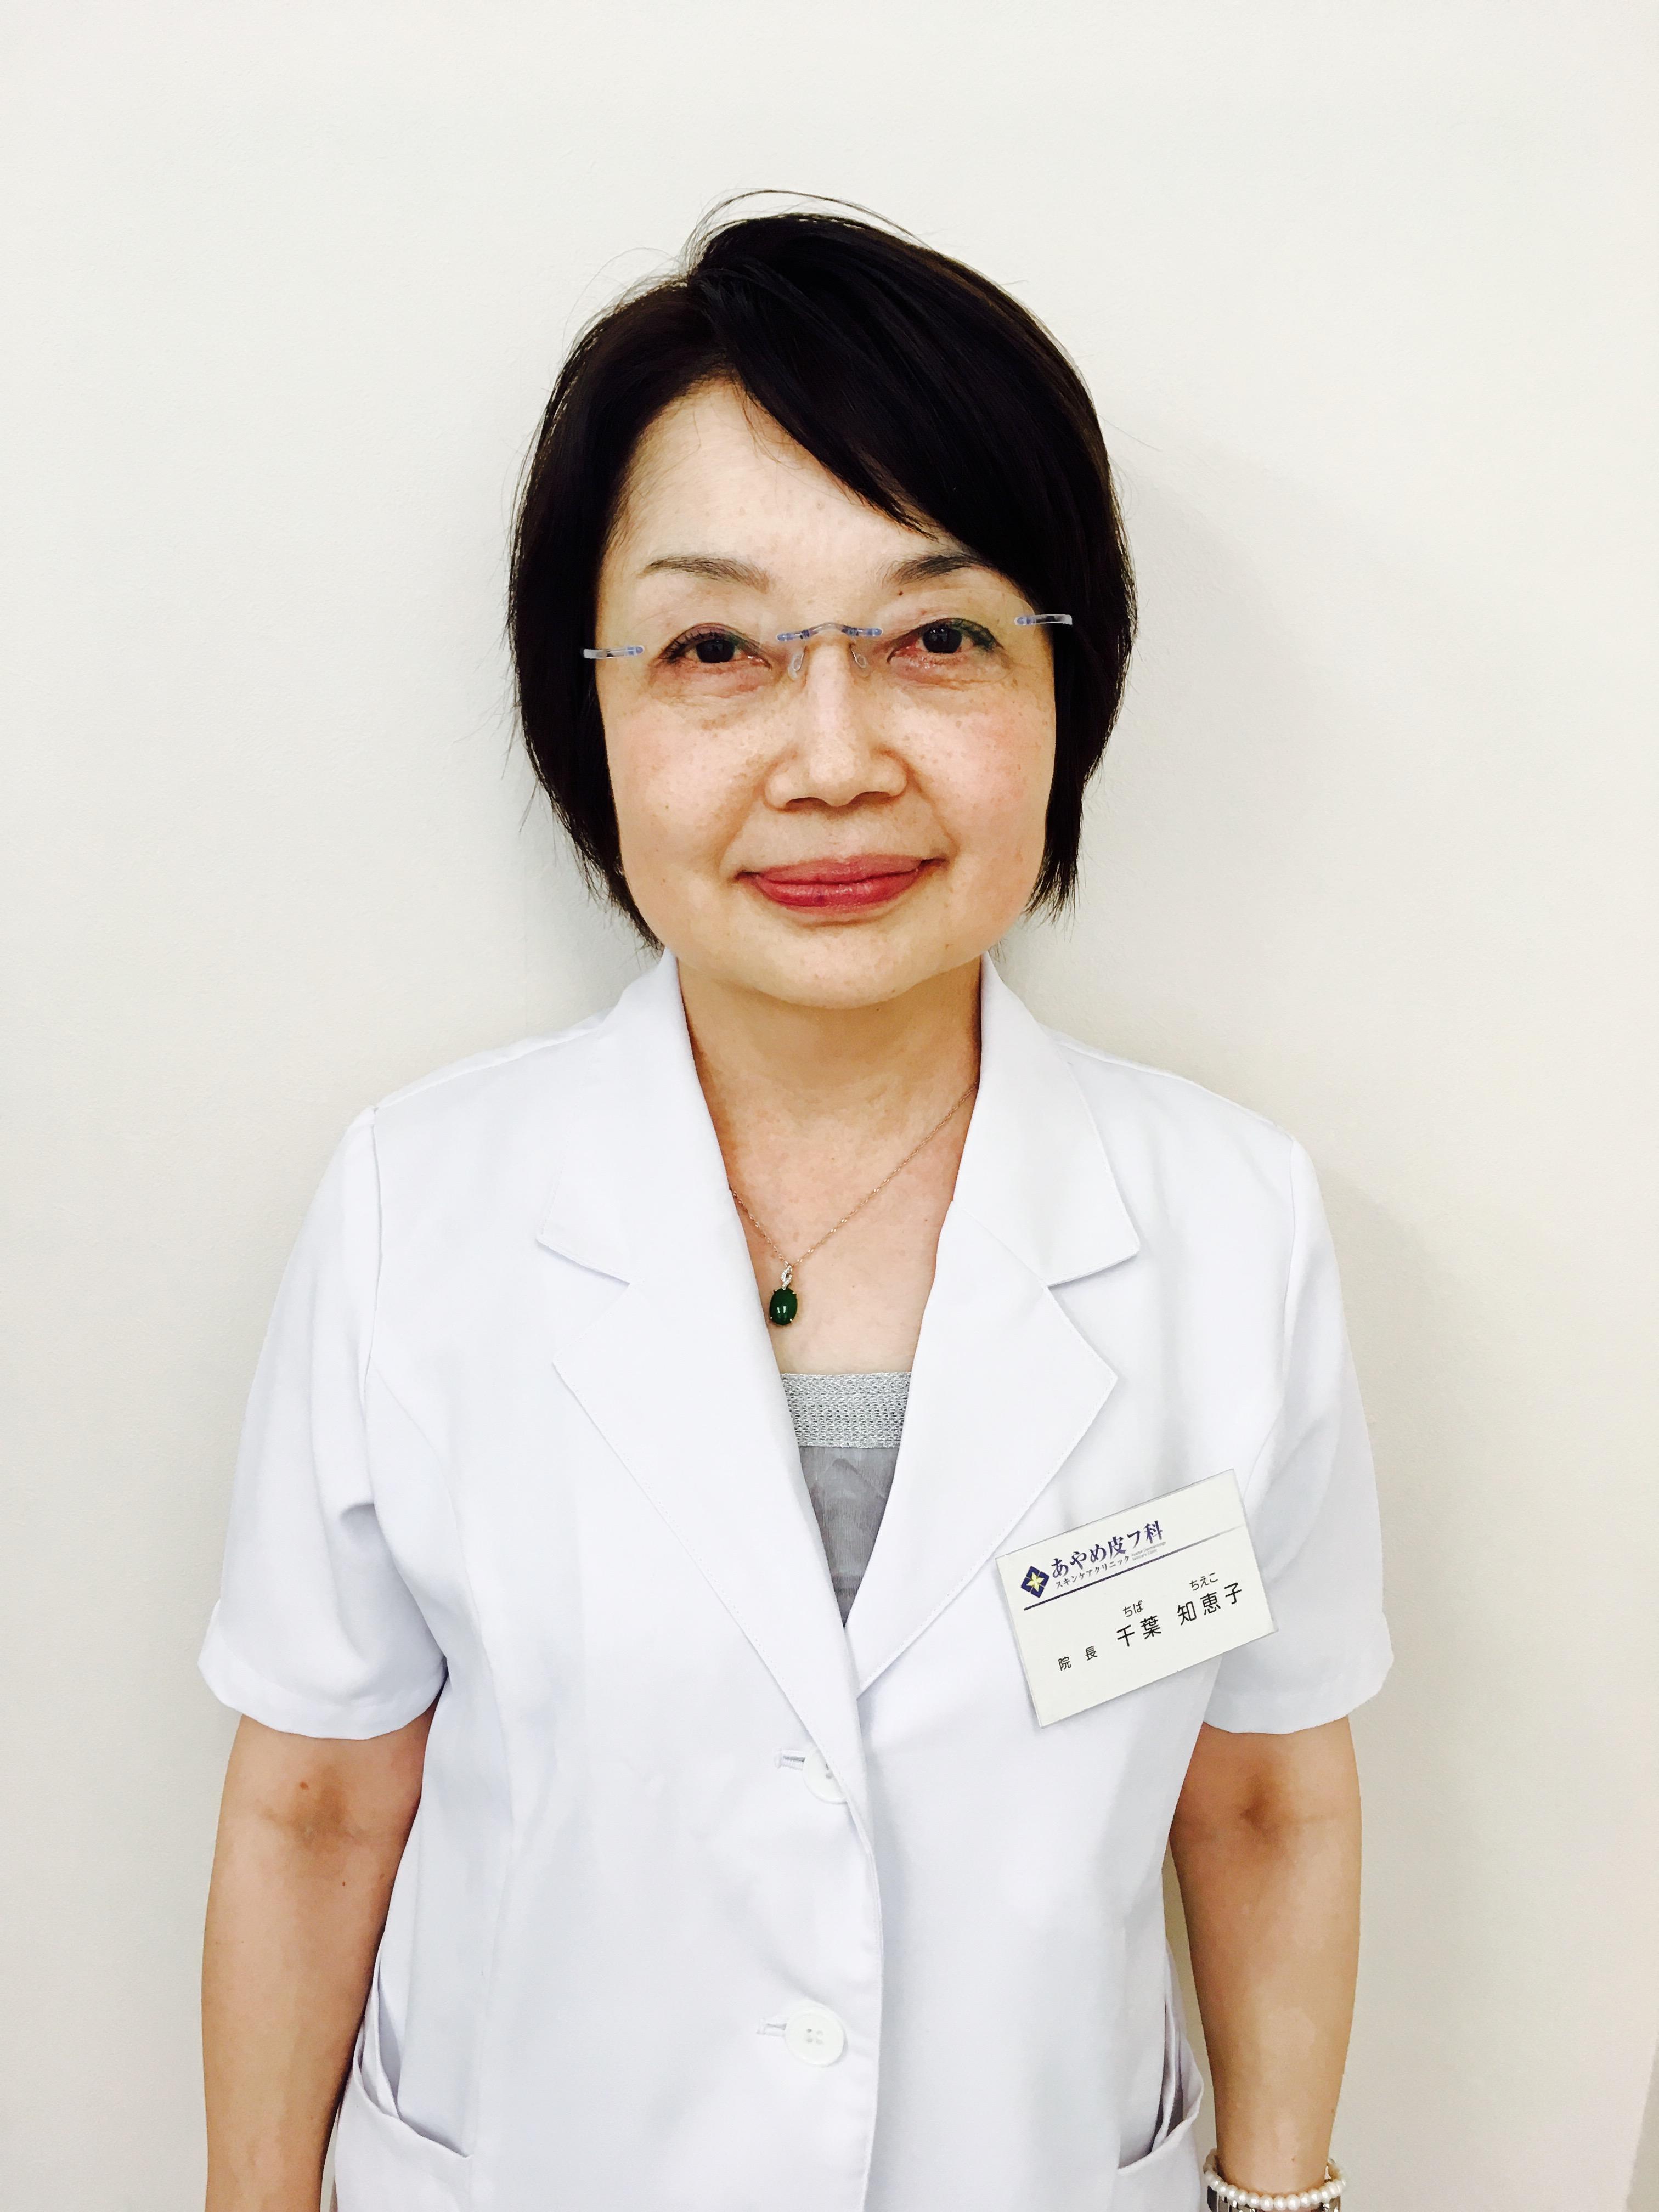 千葉 知惠子 (ちば ちえこ)